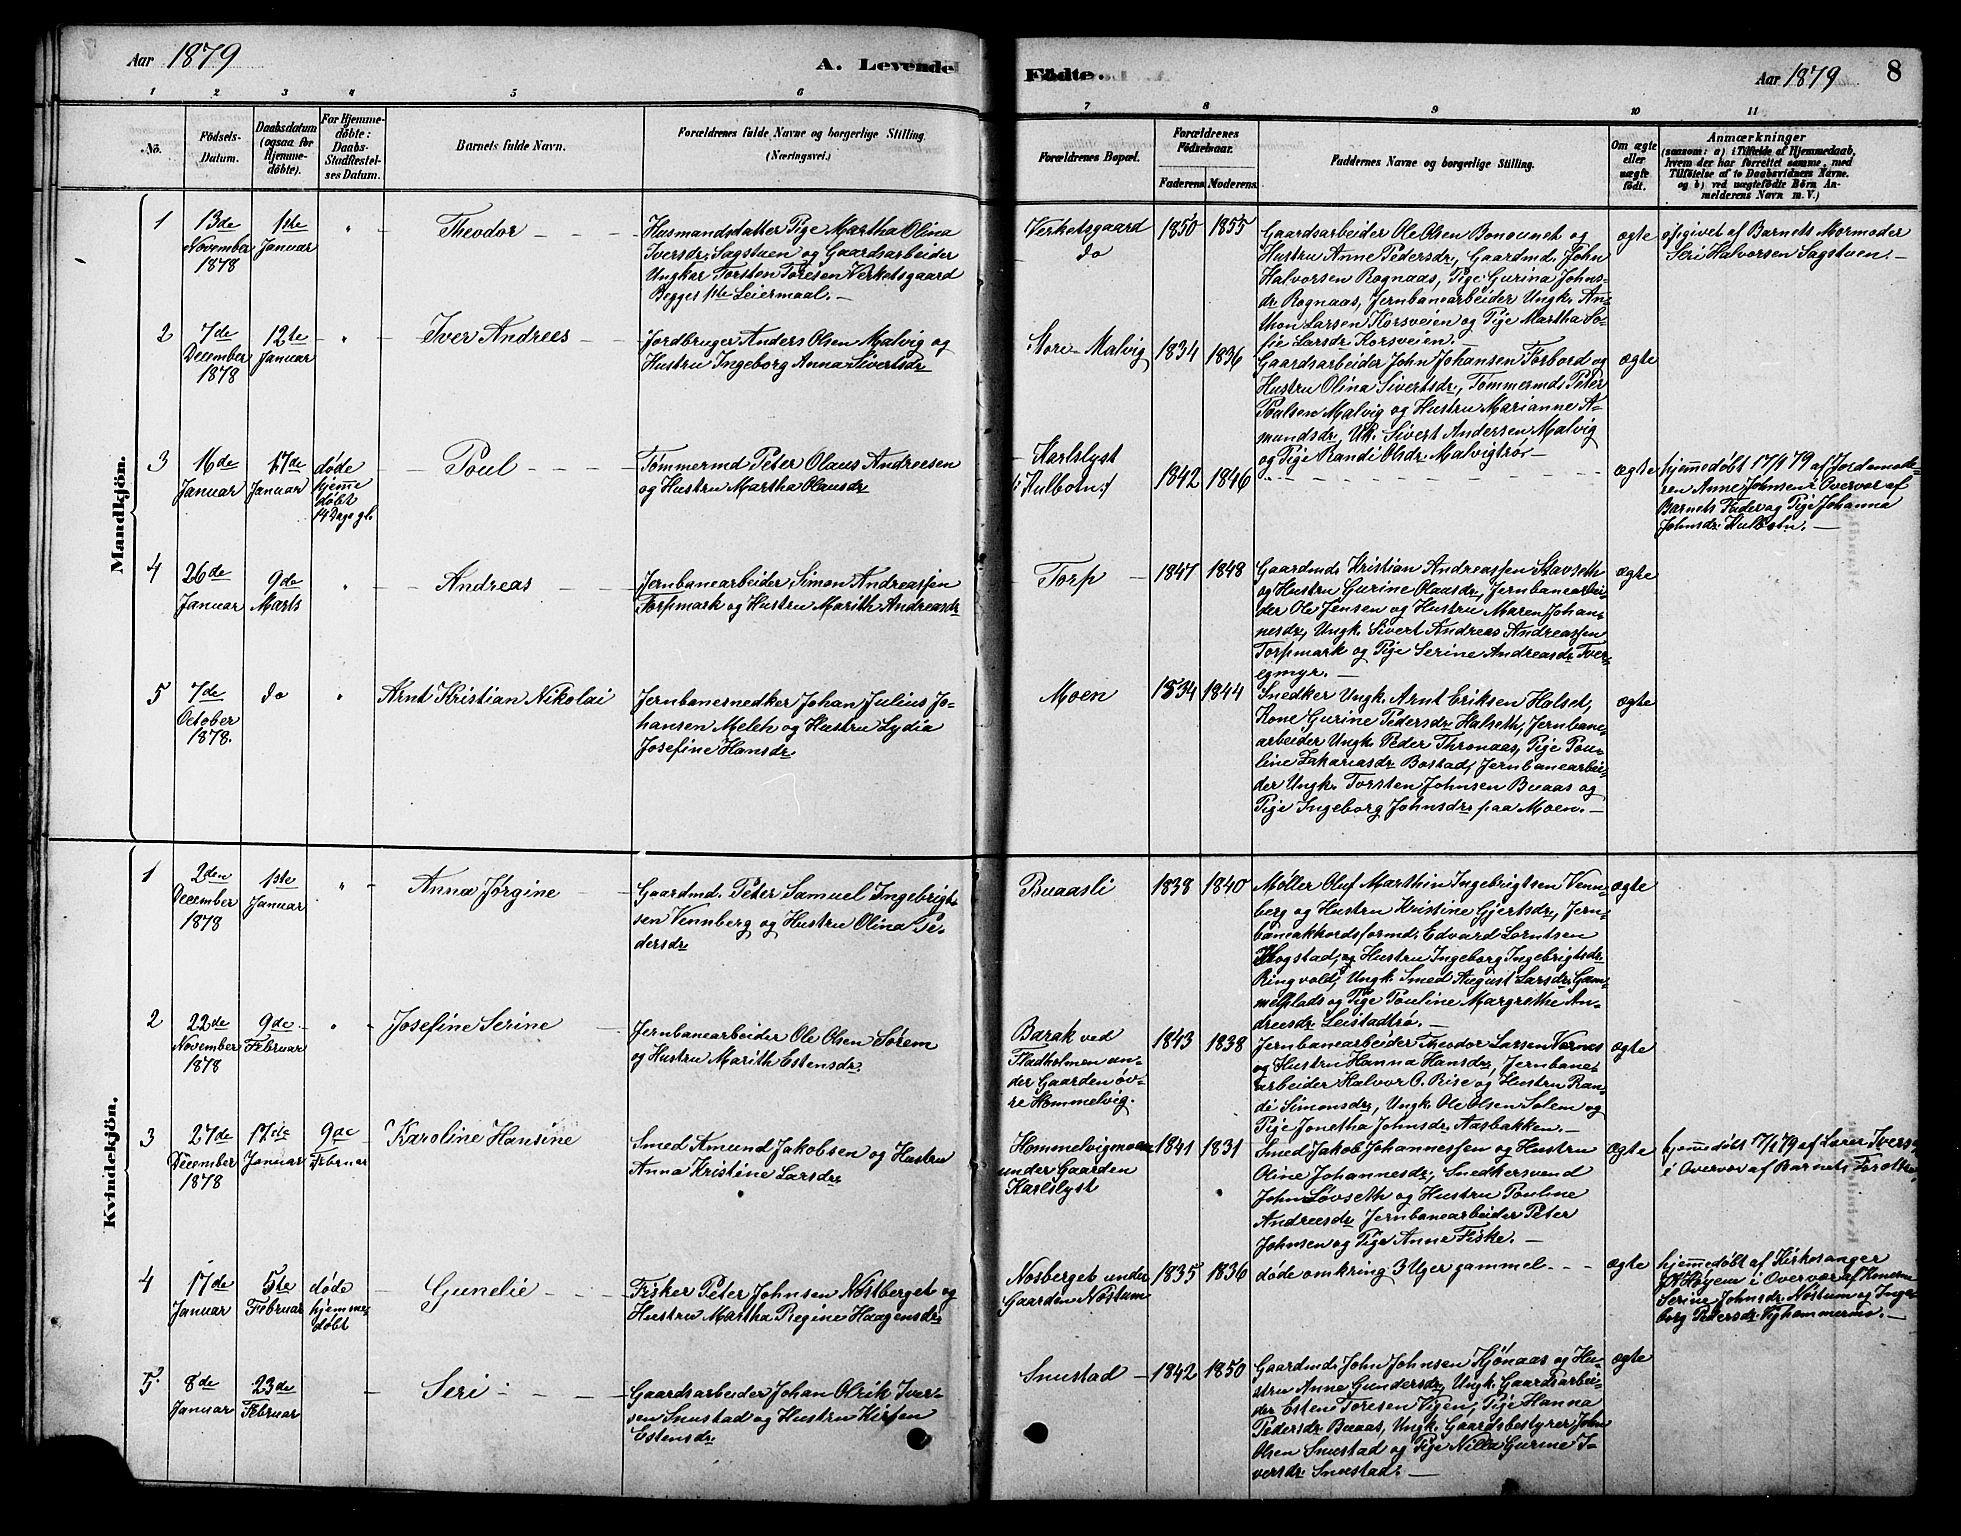 SAT, Ministerialprotokoller, klokkerbøker og fødselsregistre - Sør-Trøndelag, 616/L0423: Klokkerbok nr. 616C06, 1878-1903, s. 8